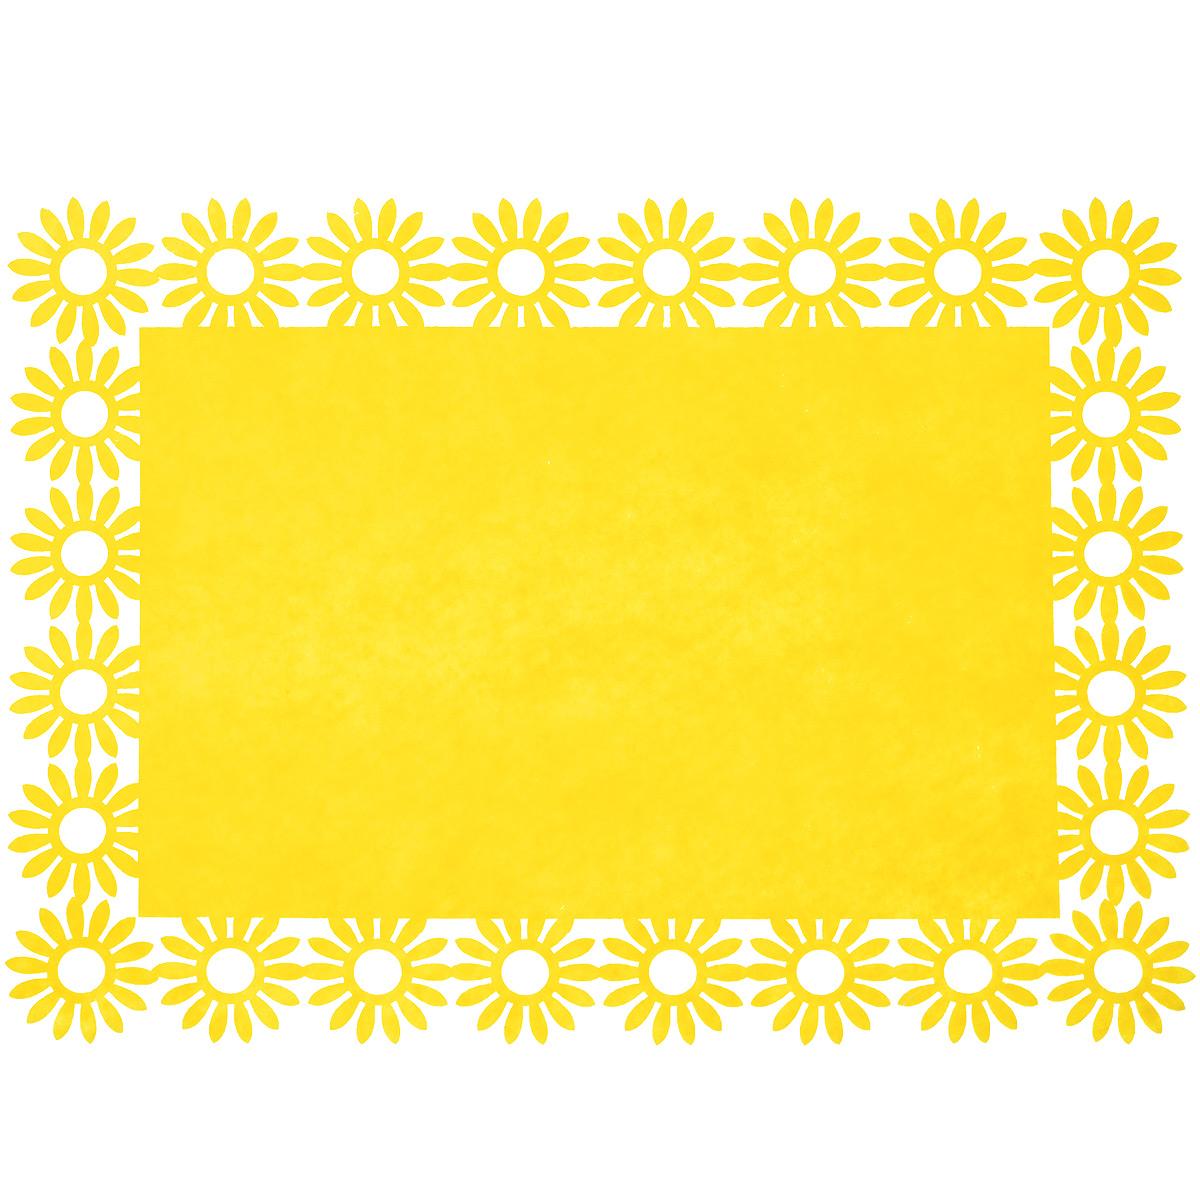 Салфетка Home Queen Веселый праздник, цвет: желтый, 30 х 40 х 0,2 см66843_3Прямоугольная салфетка Home Queen Веселый праздник выполнена из фетра и имеет красивую перфорацию по краям. Вы можете использовать салфетку для декорирования стола, комода, журнального столика. В любом случае она добавит в ваш дом стиля, изысканности и неповторимости и убережет мебель от царапин и потертостей. Размер салфетки: 30 см х 40 см х 0,2 см.